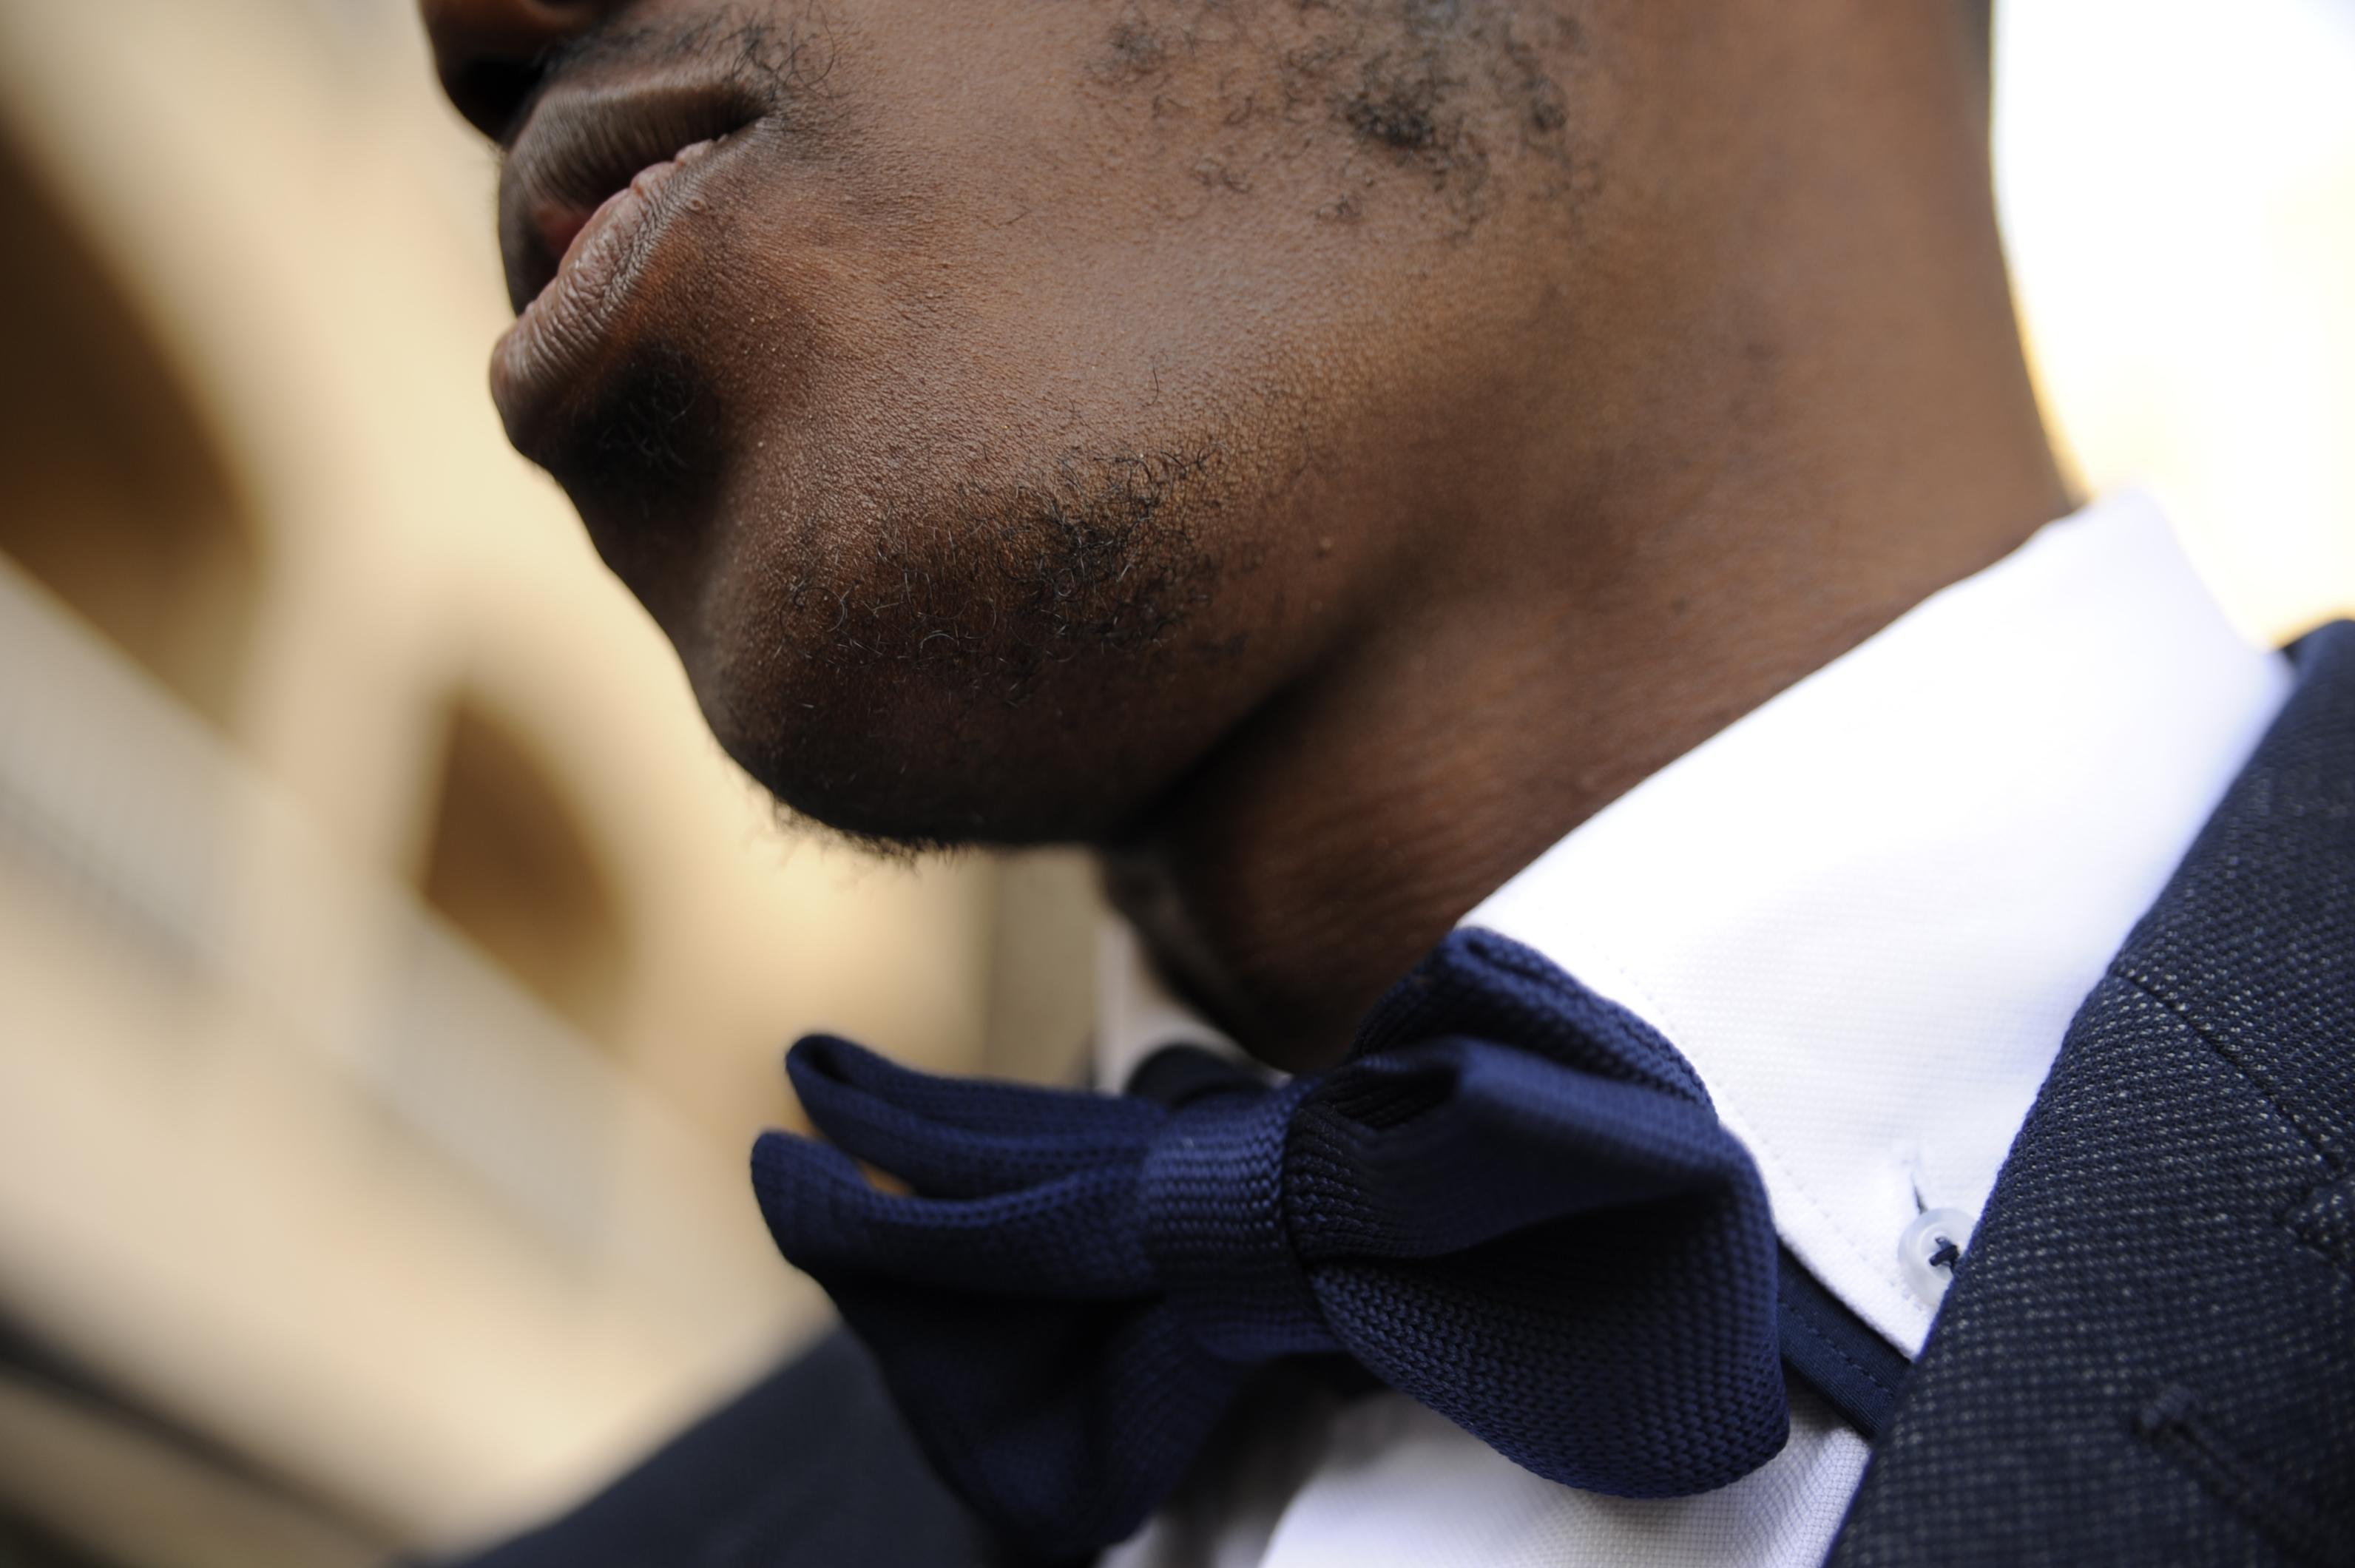 davvero economico buona reputazione comprare in vendita Dolcepunta, sartoria artigianale produttrice di cravatte di ...